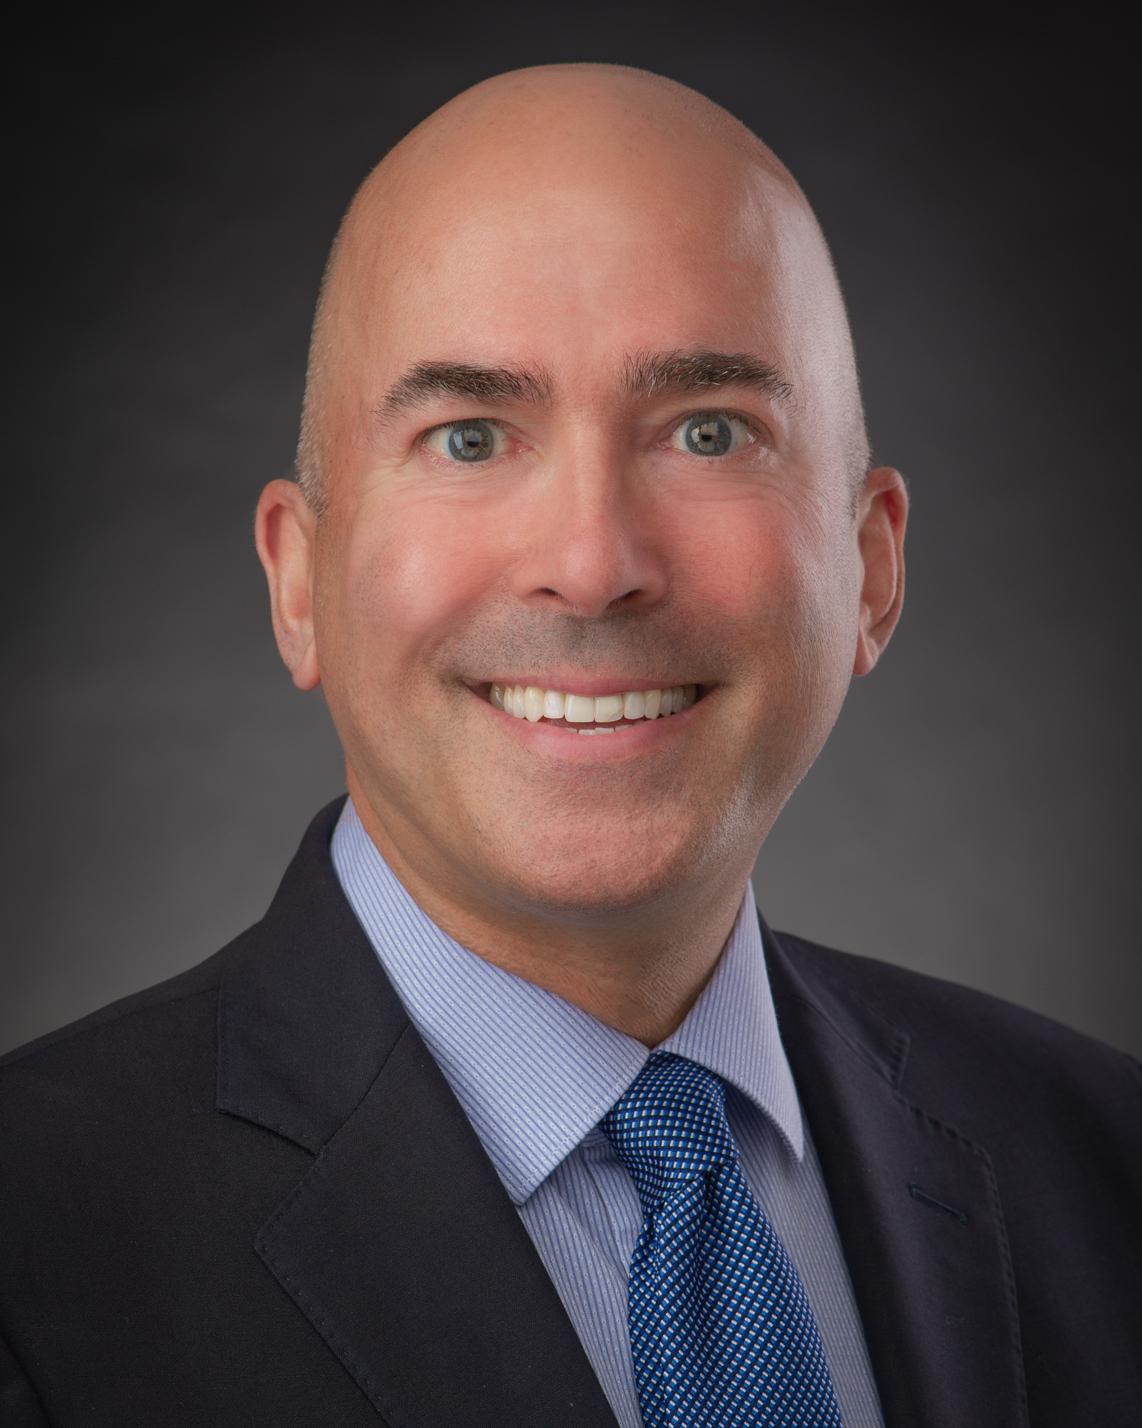 Photo of Dan Steven Veljovich